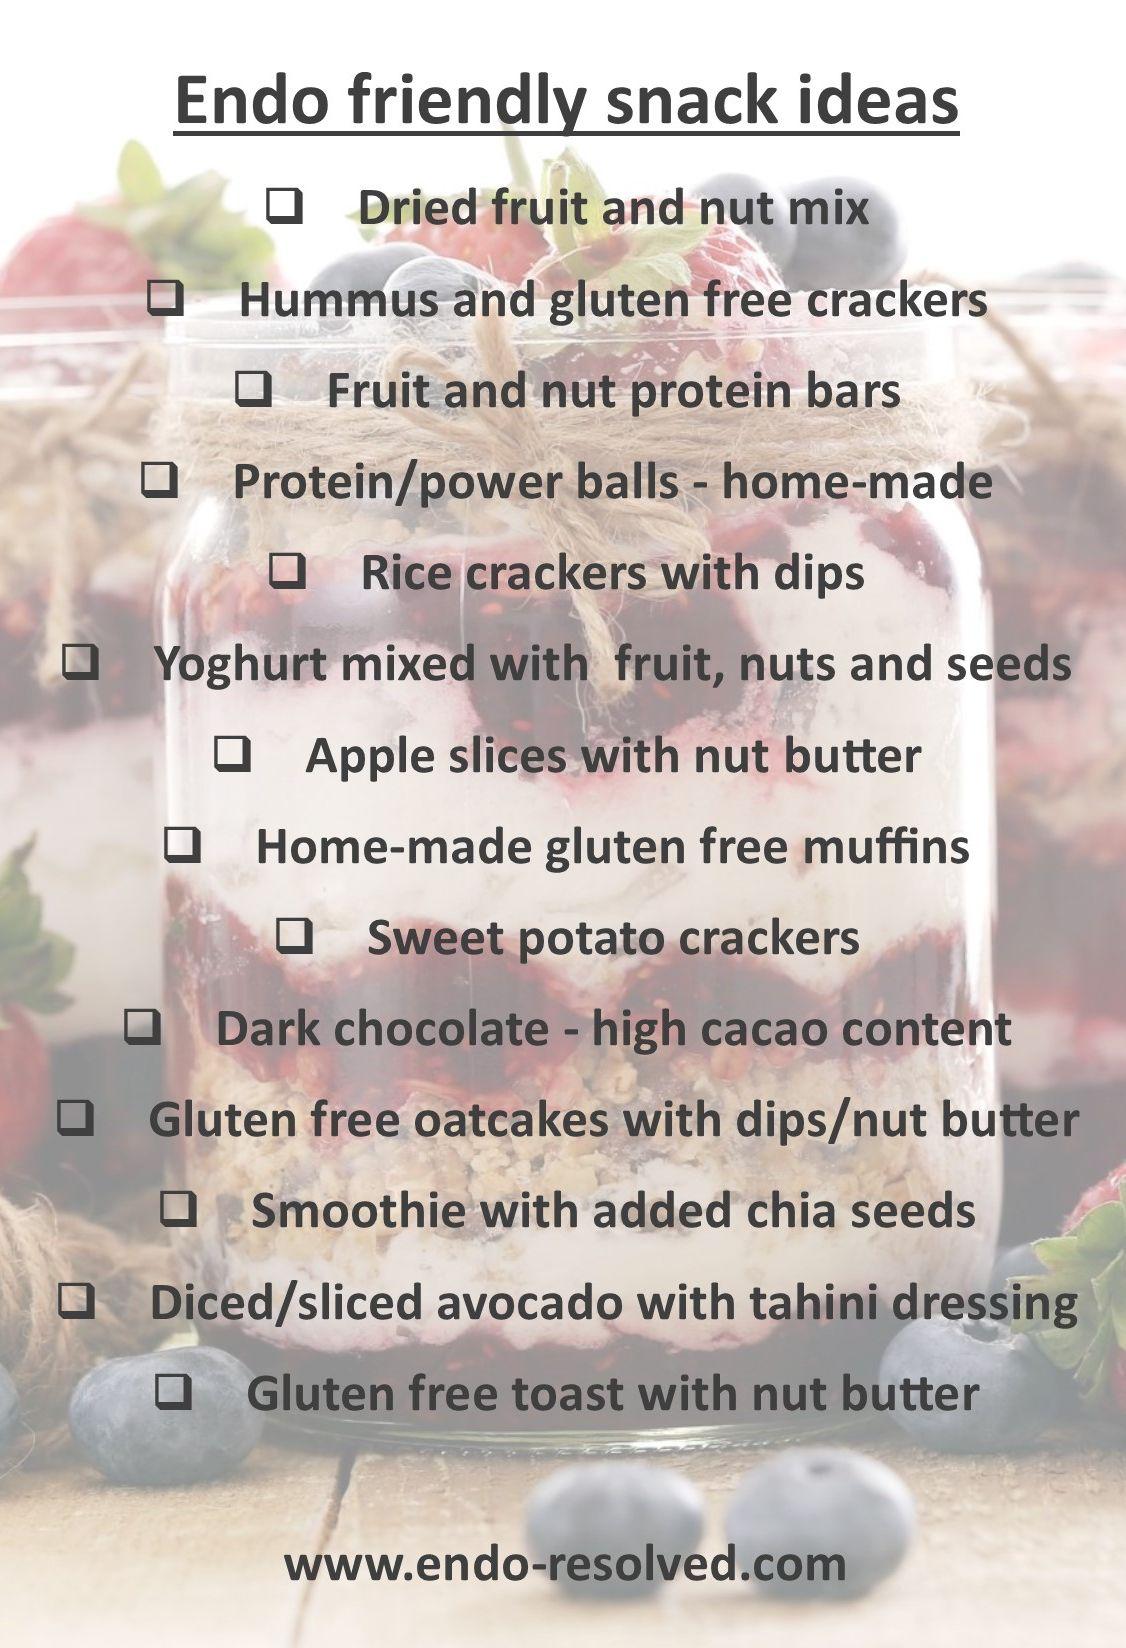 Endometriosis diet snack ideas